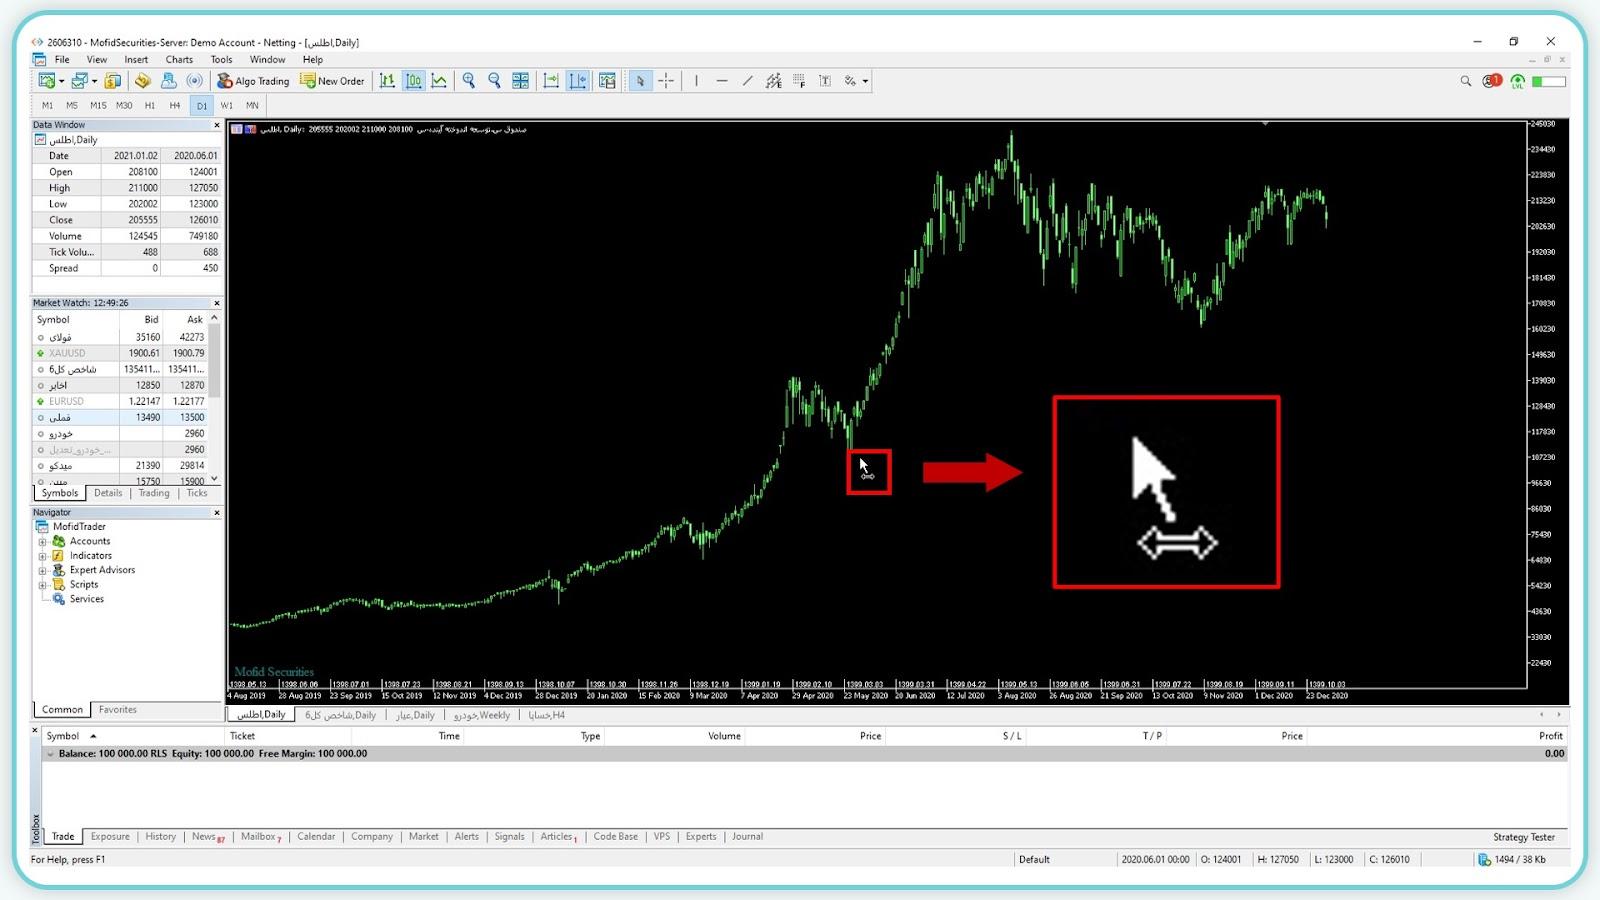 مدیریت نمودار با استفاده از نشانگر ماوس برای تحلیل تکنیکال